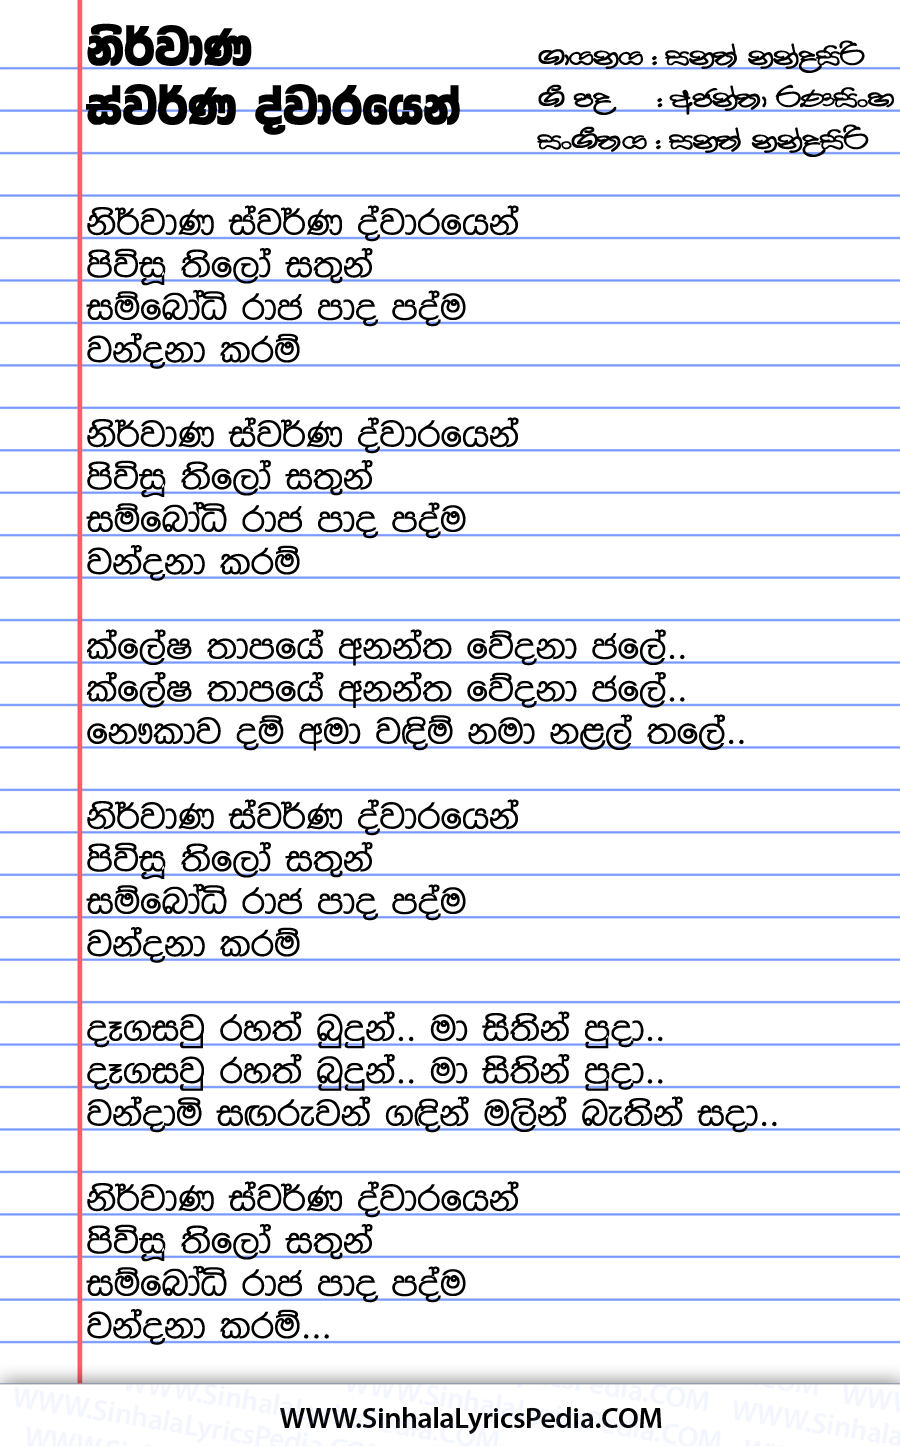 Nirwana Swarna Dwarayen Song Lyrics